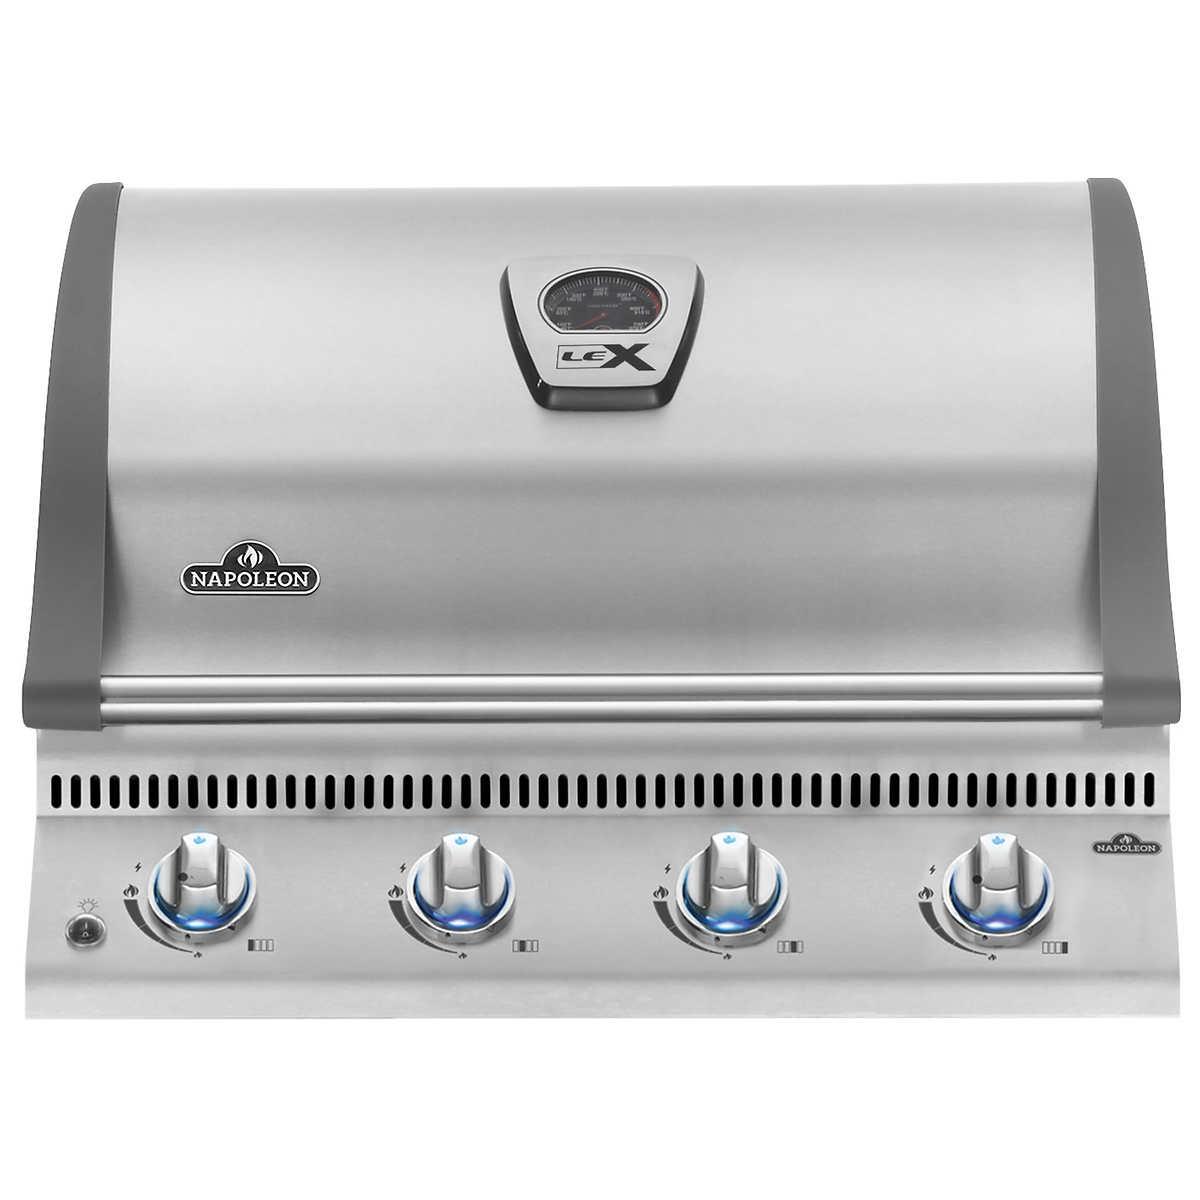 napoleon triumph 495 5-burner 57,200-btu natural gas grill with cover